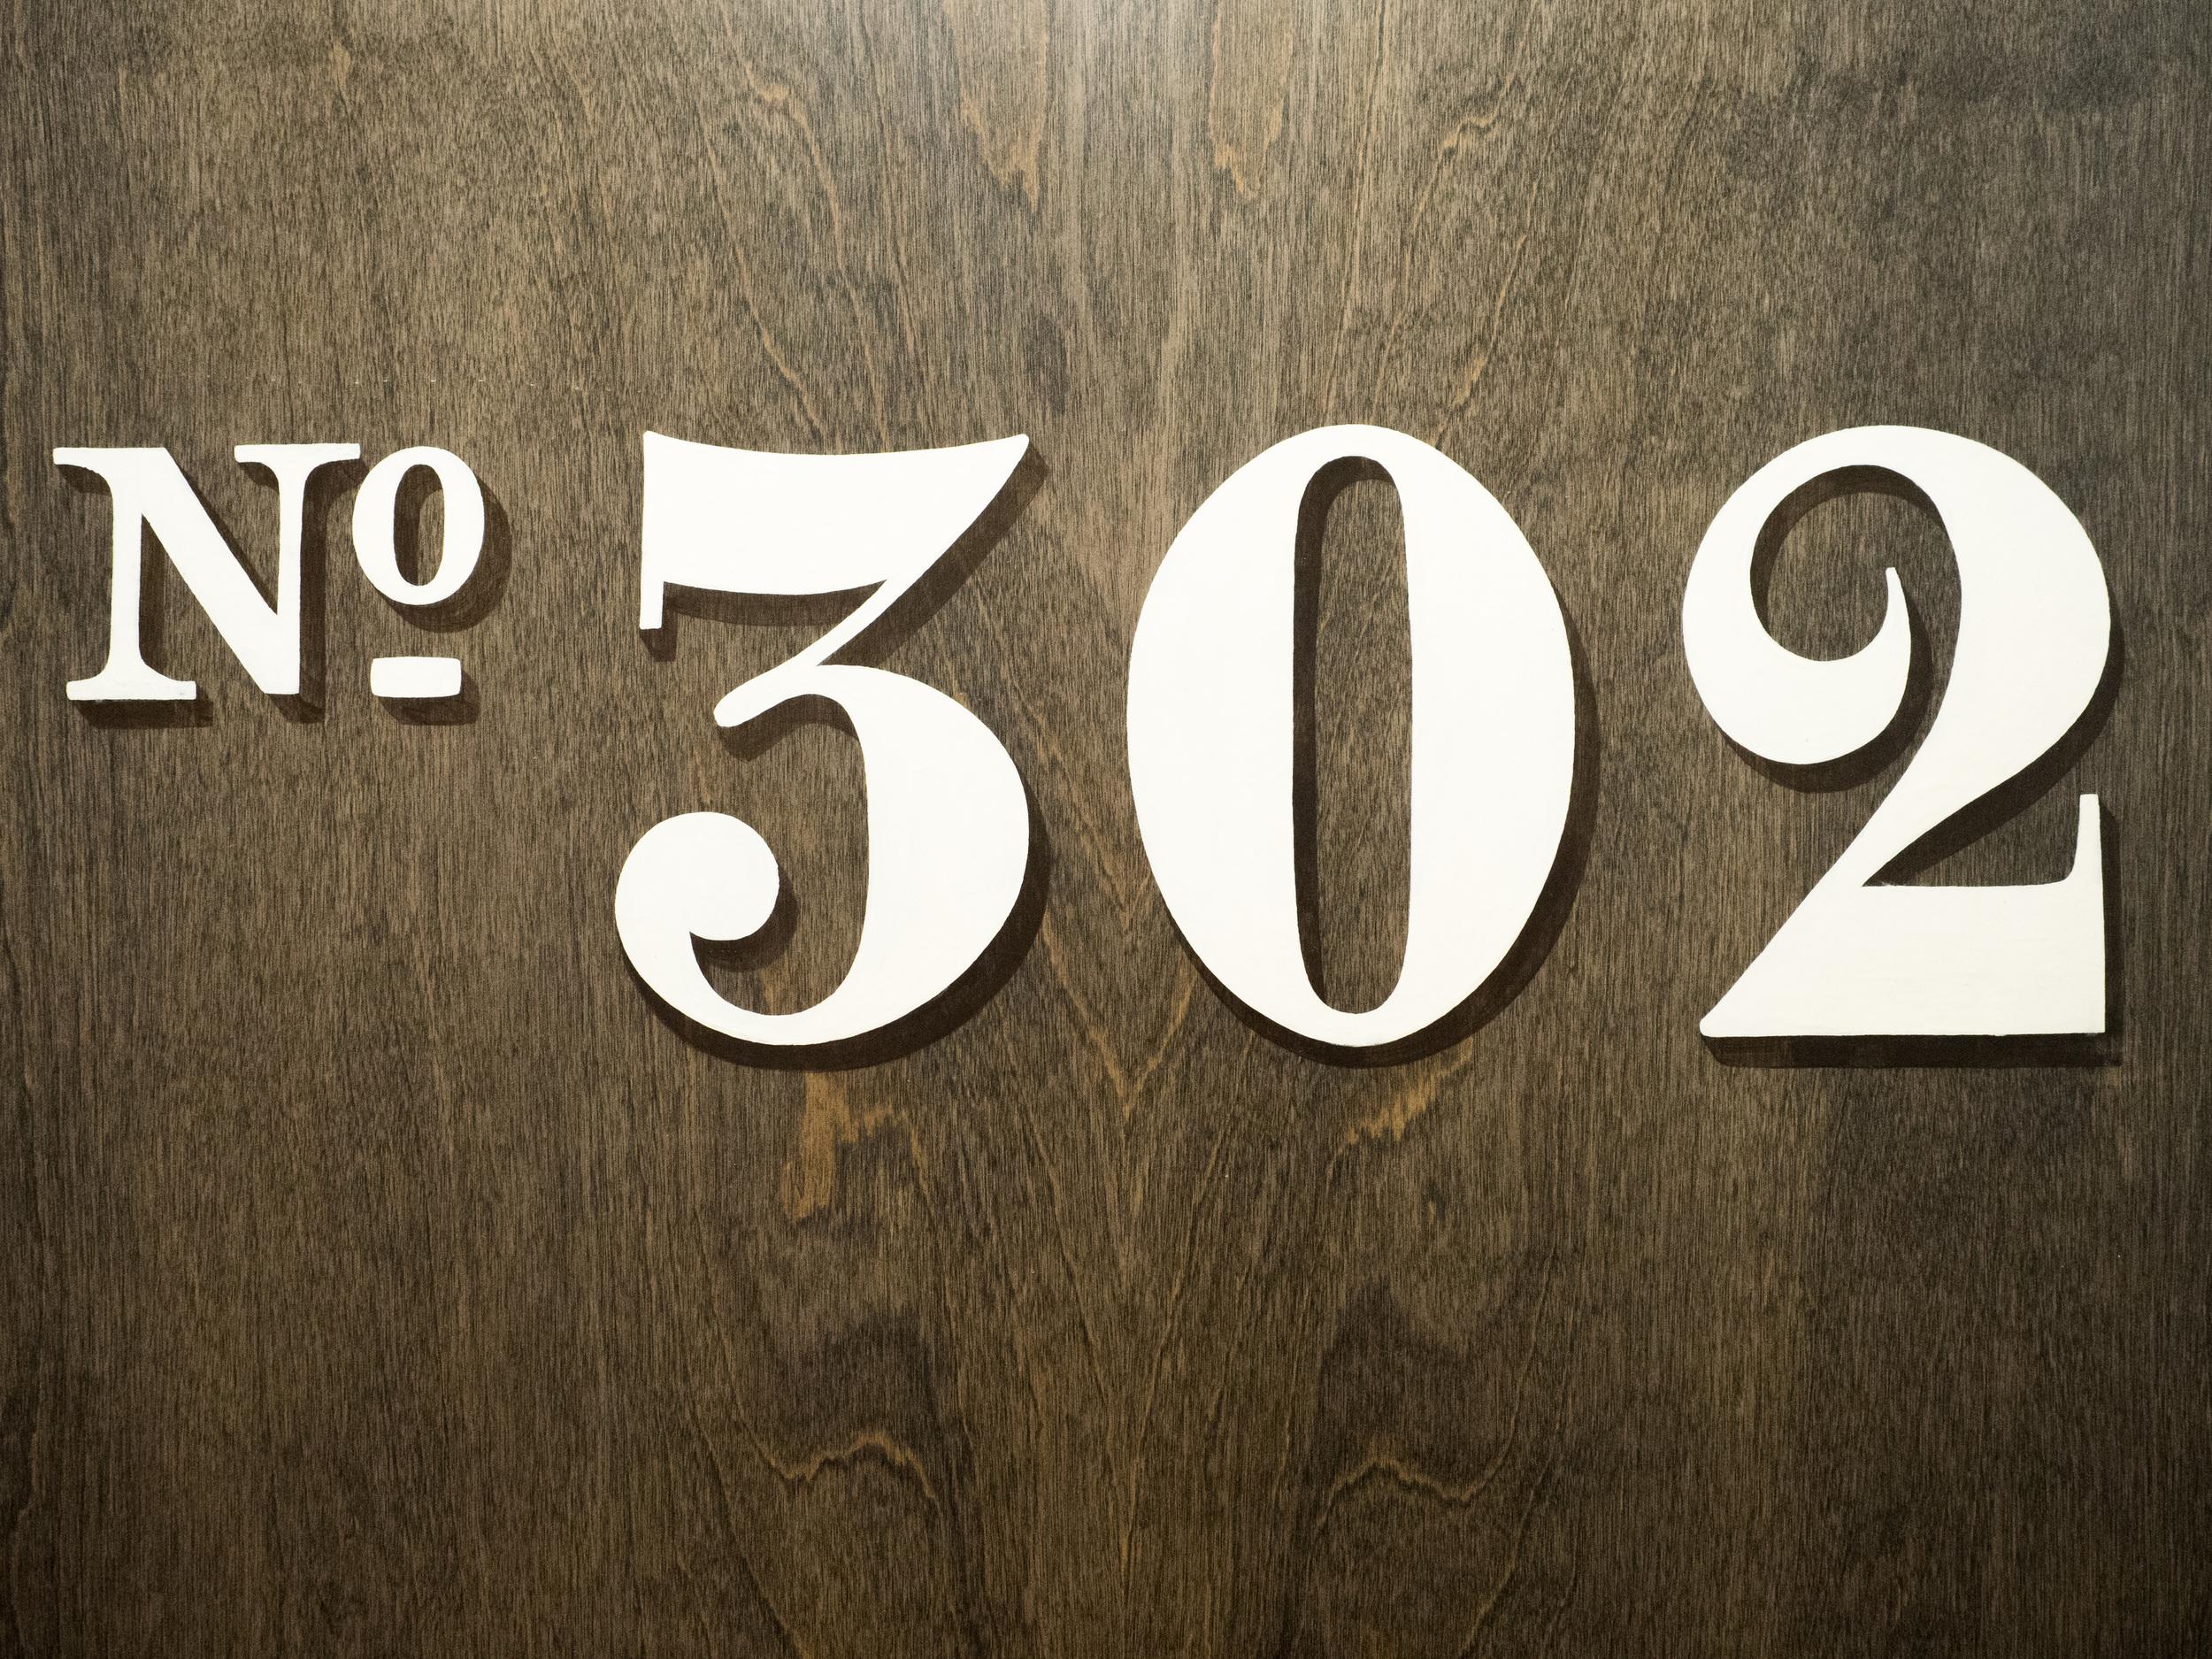 302.jpg